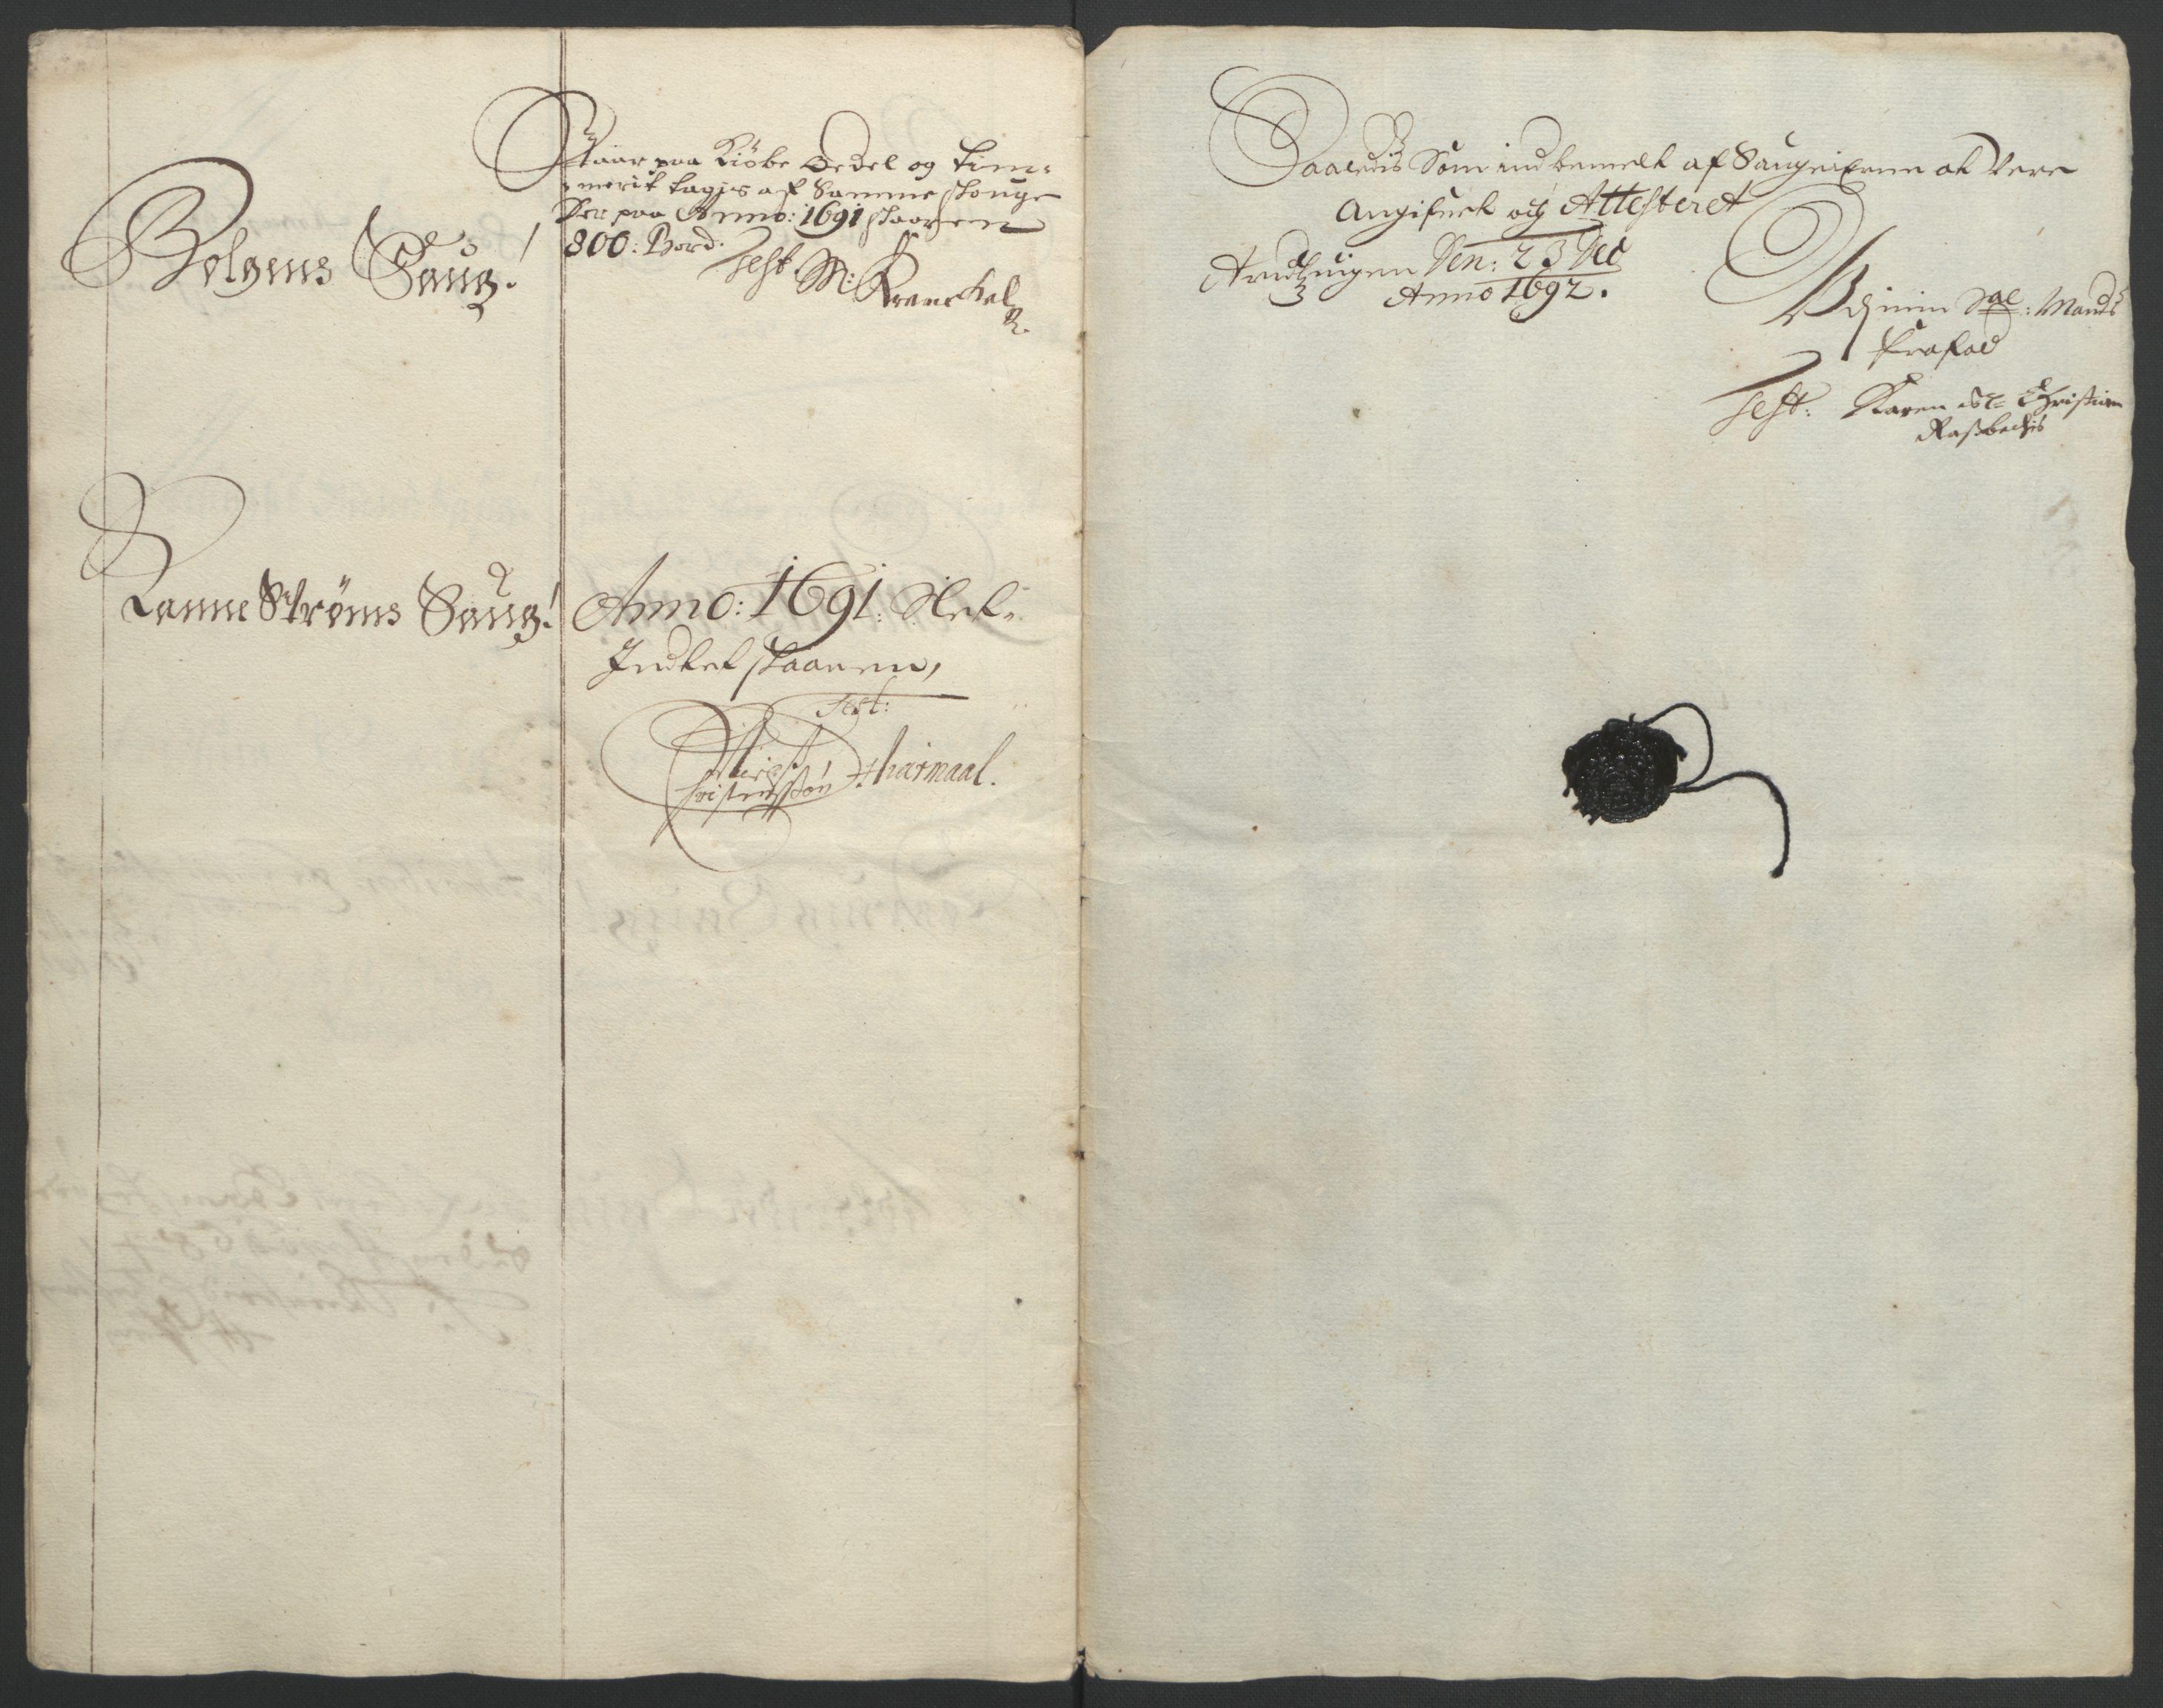 RA, Rentekammeret inntil 1814, Reviderte regnskaper, Fogderegnskap, R56/L3734: Fogderegnskap Nordmøre, 1690-1691, s. 292